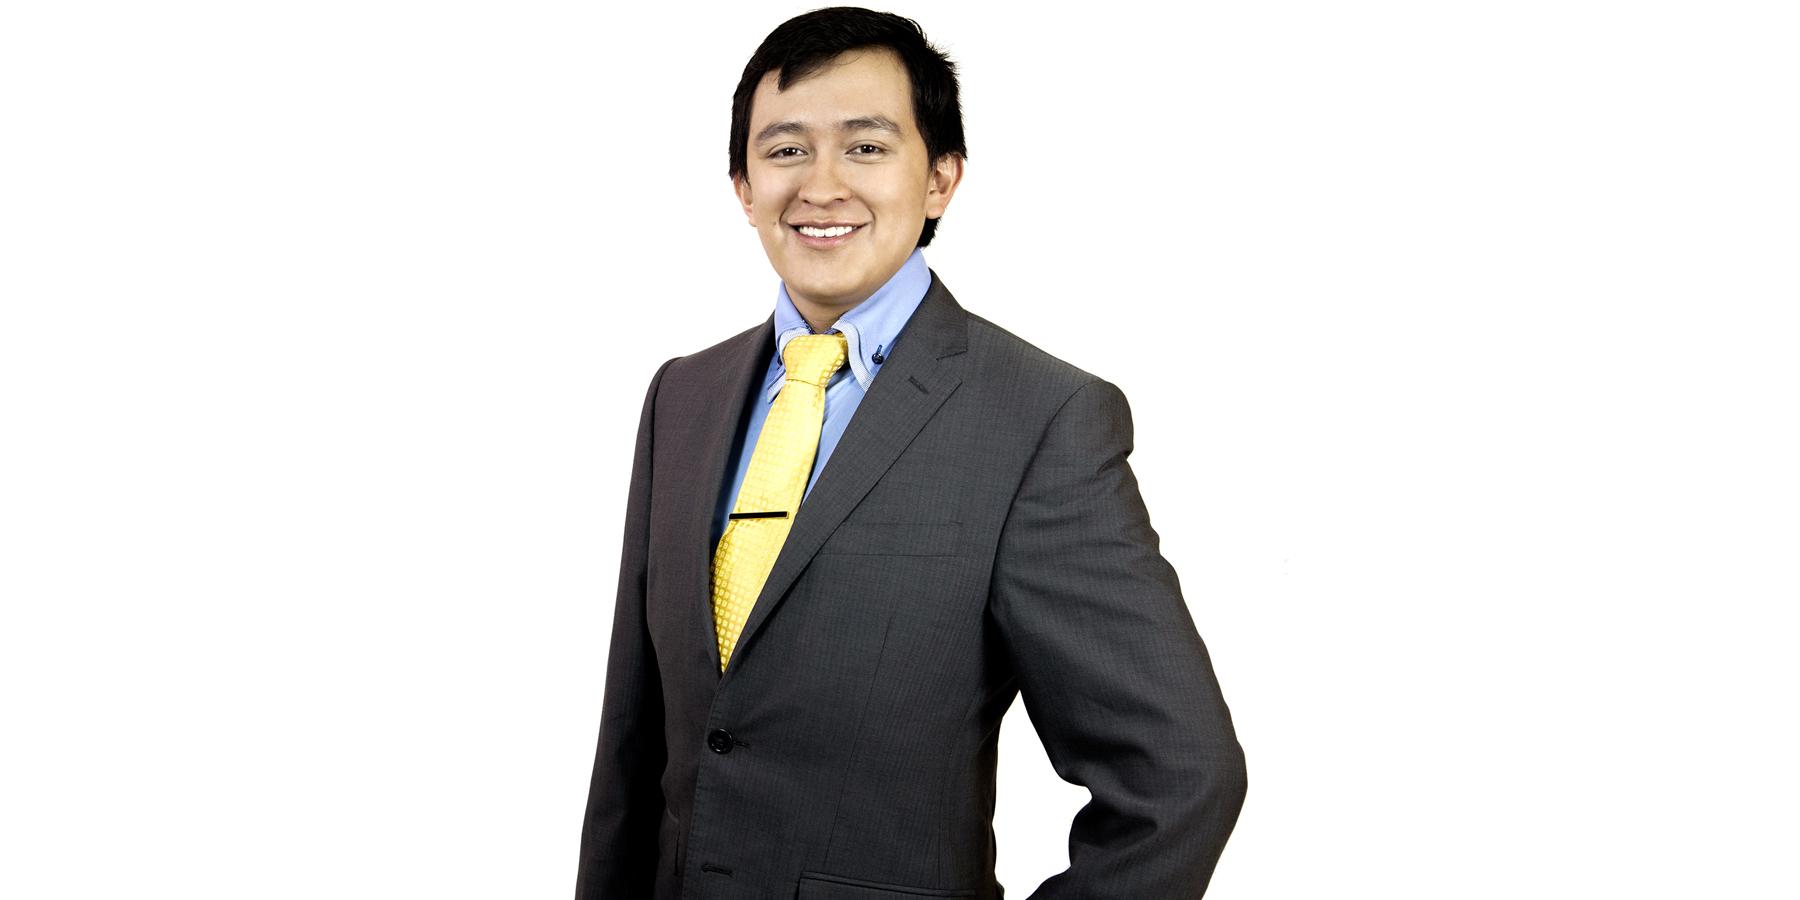 Arturo Juárez